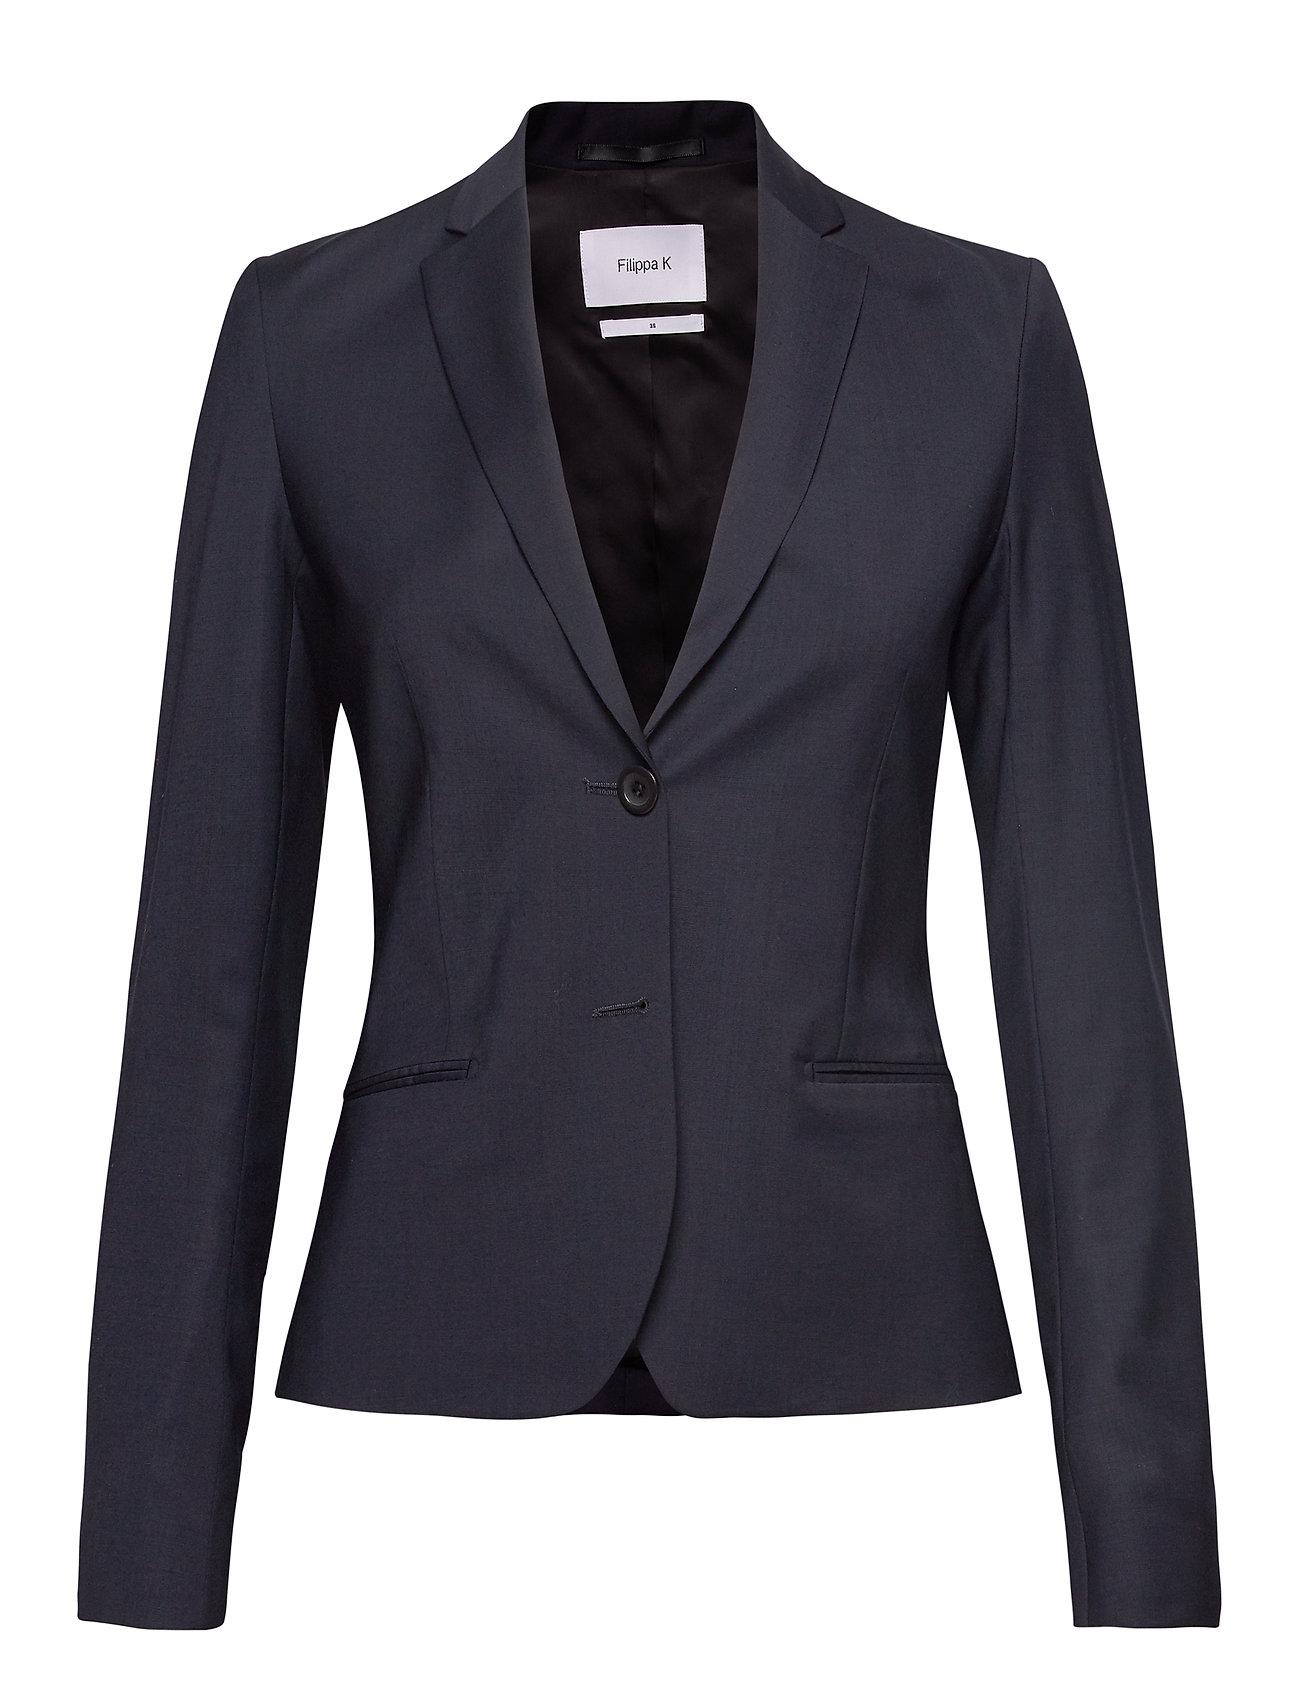 Filippa K Jackie Cool Wool Jacket - DK. NAVY